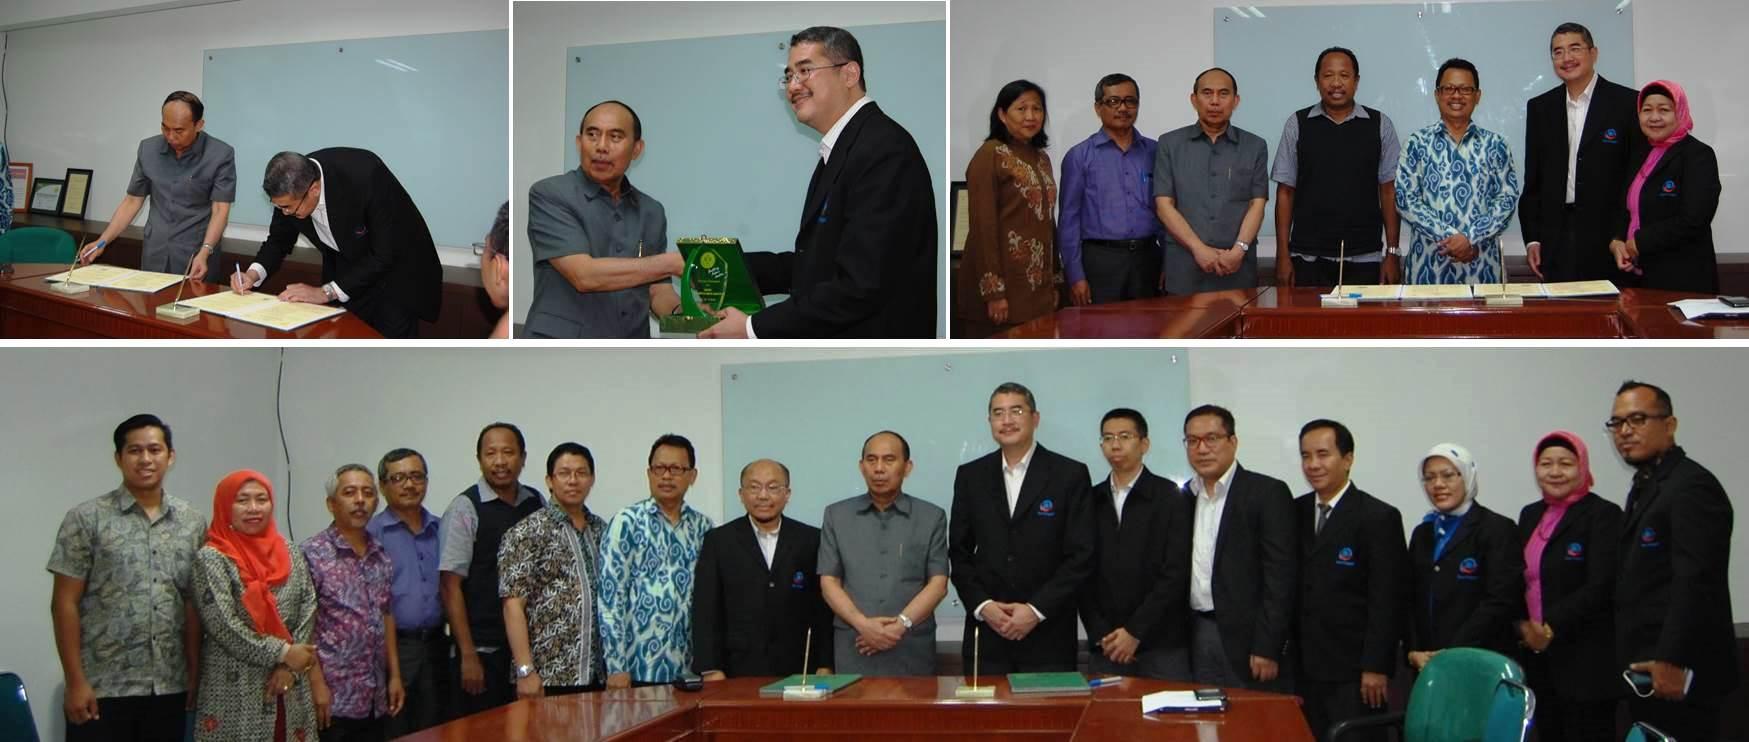 Penandatanganan Kerjasama Pendidikan dan Penelitian Antara Universitas Esa Unggul dan Universitas Negeri Jakarta